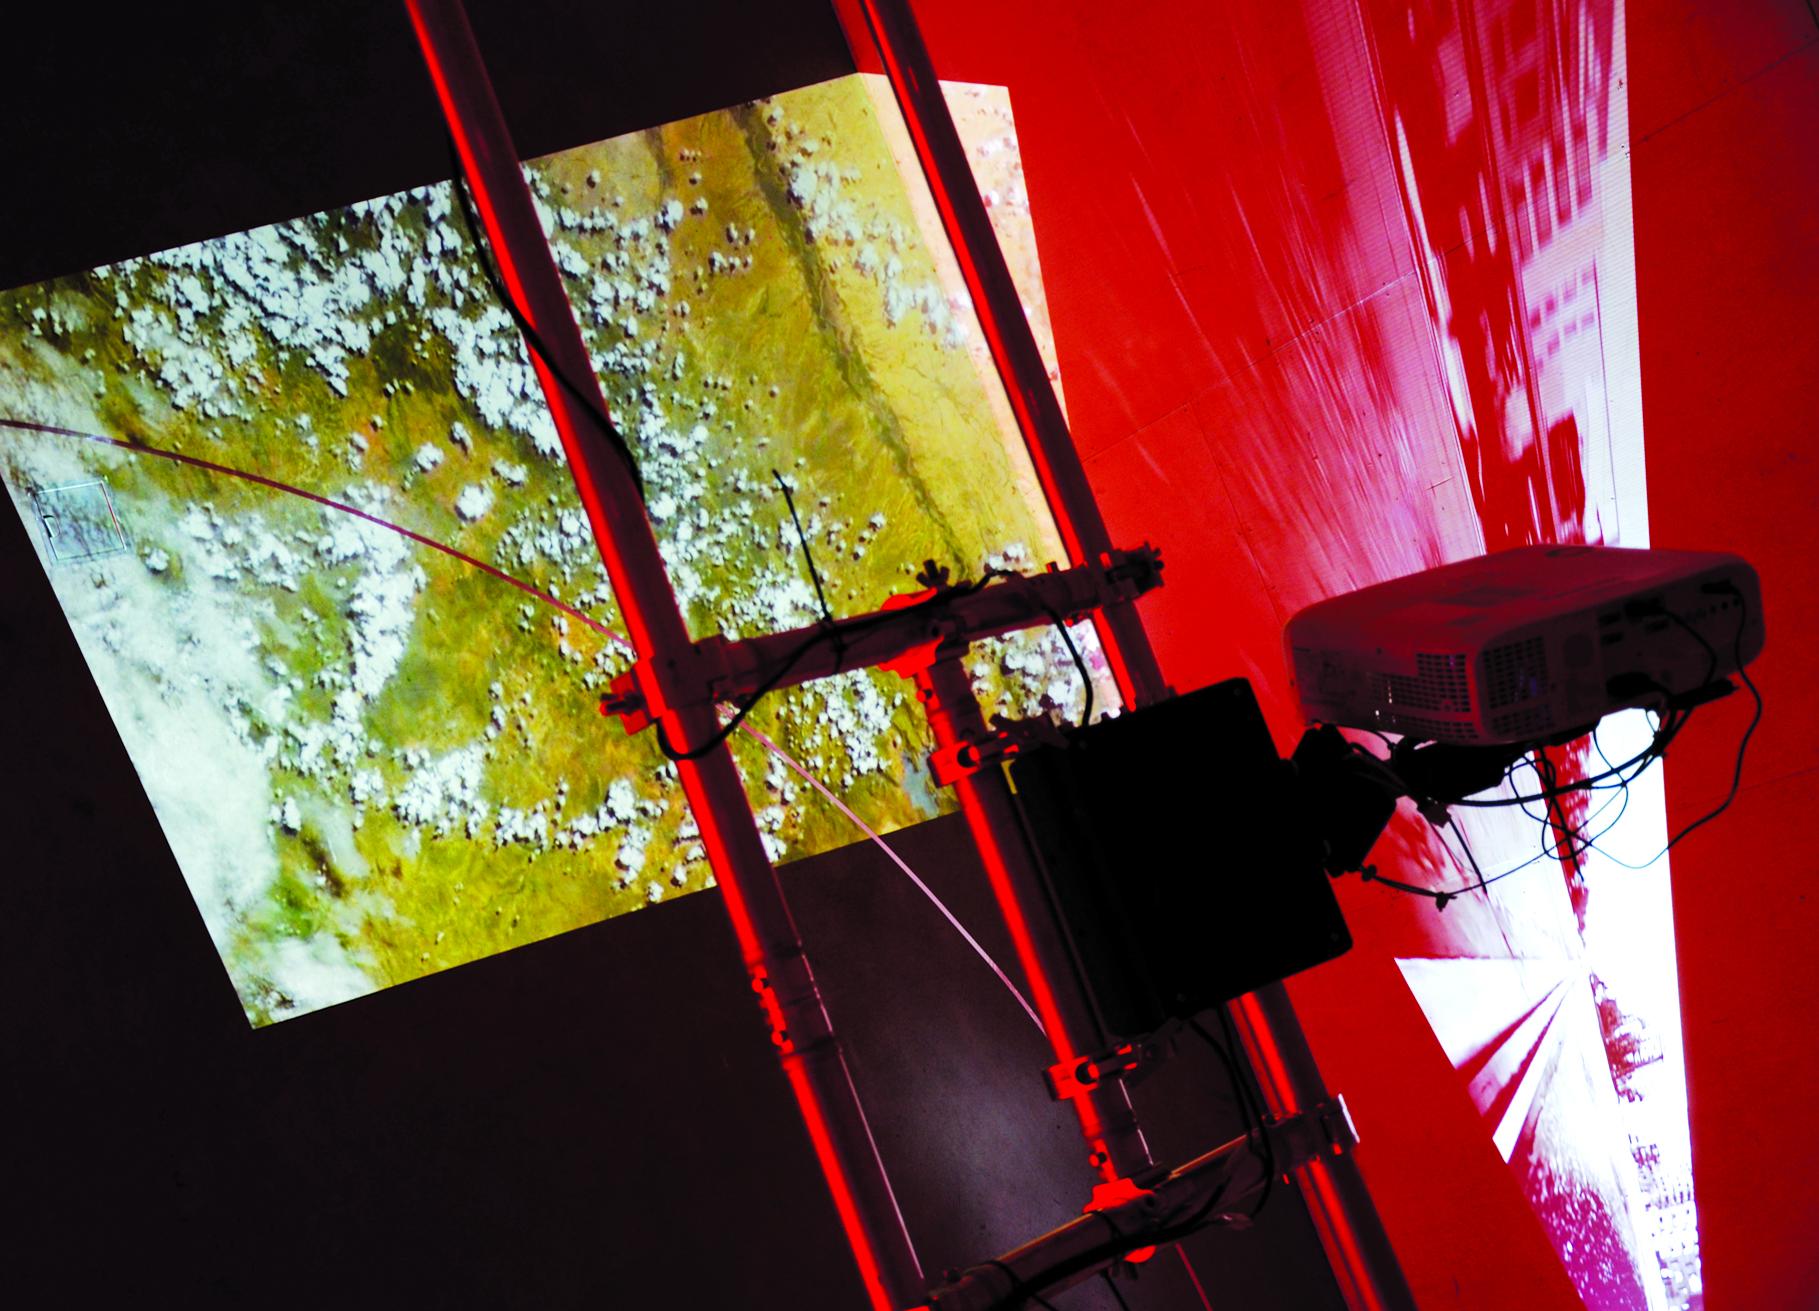 Synne Tollerud Bull vil presentere et begynnende essay som diskuterer arbeidet Time to Reflect Reality fra Urban Ecologies-utstillingen på Medieestetisk arbeidsseminar ved Universitetet i Oslo.